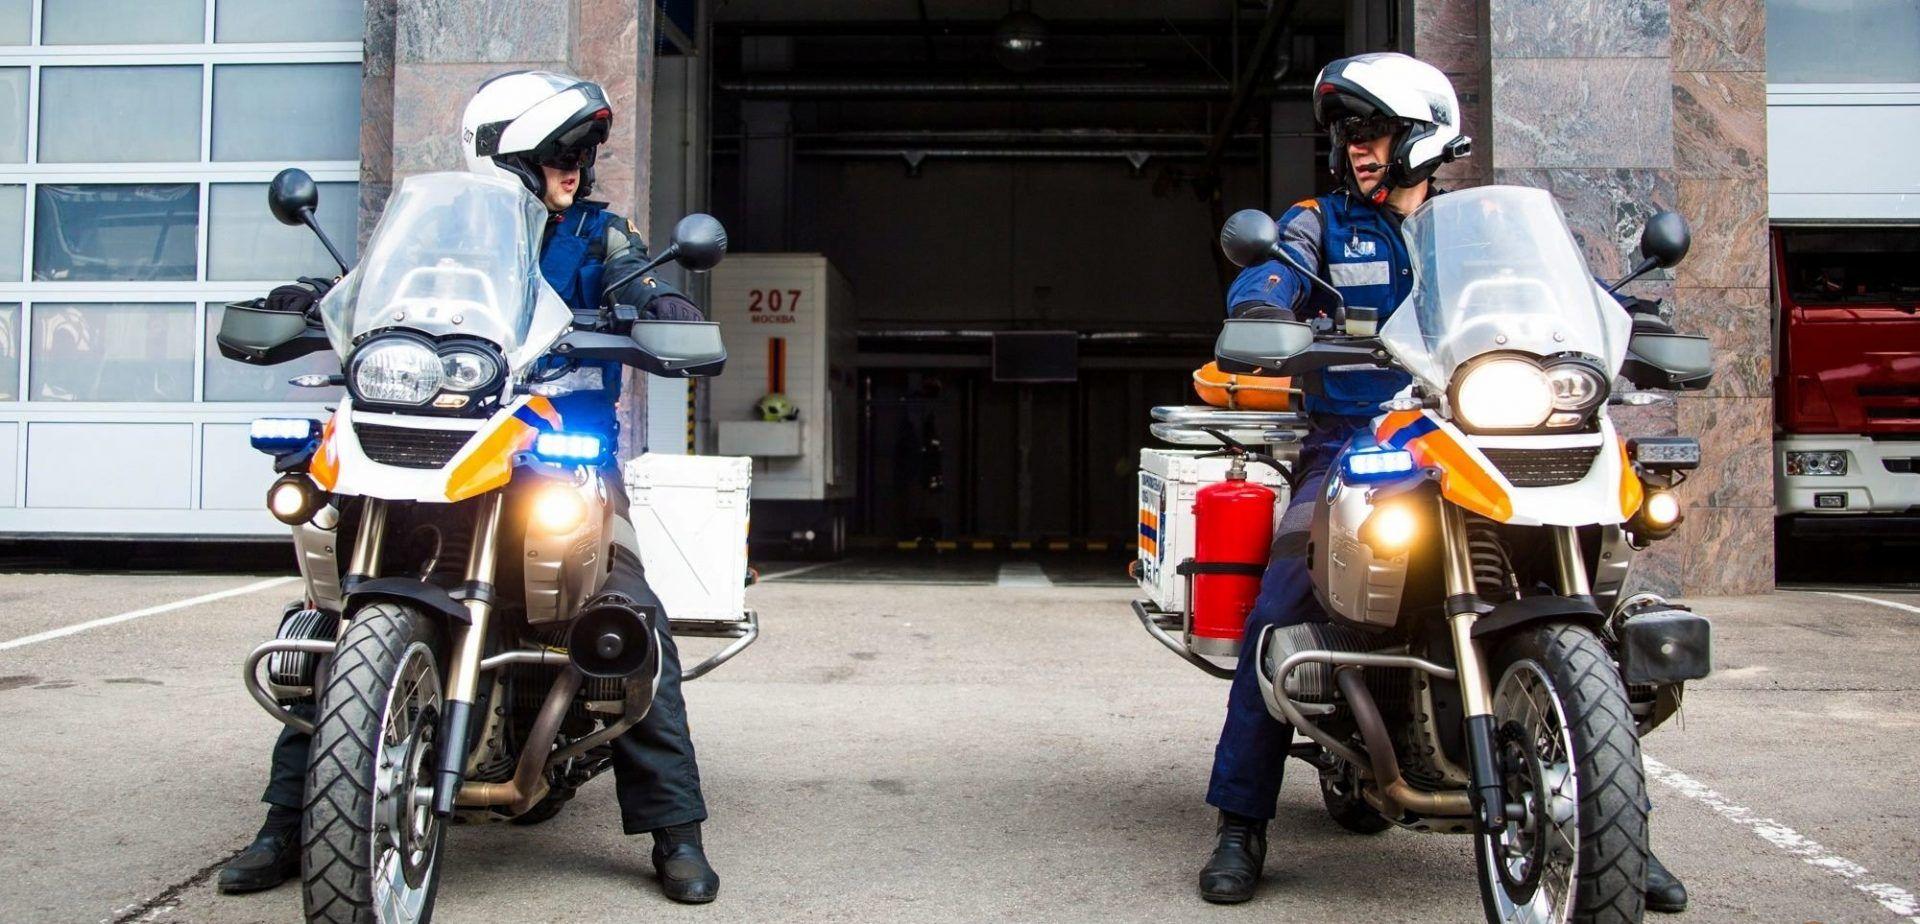 Спасатели показали возможности мотогруппы быстрого реагирования. Фото: Пресс-служба Управления по ТиНАО Департамента ГОЧСиПБ